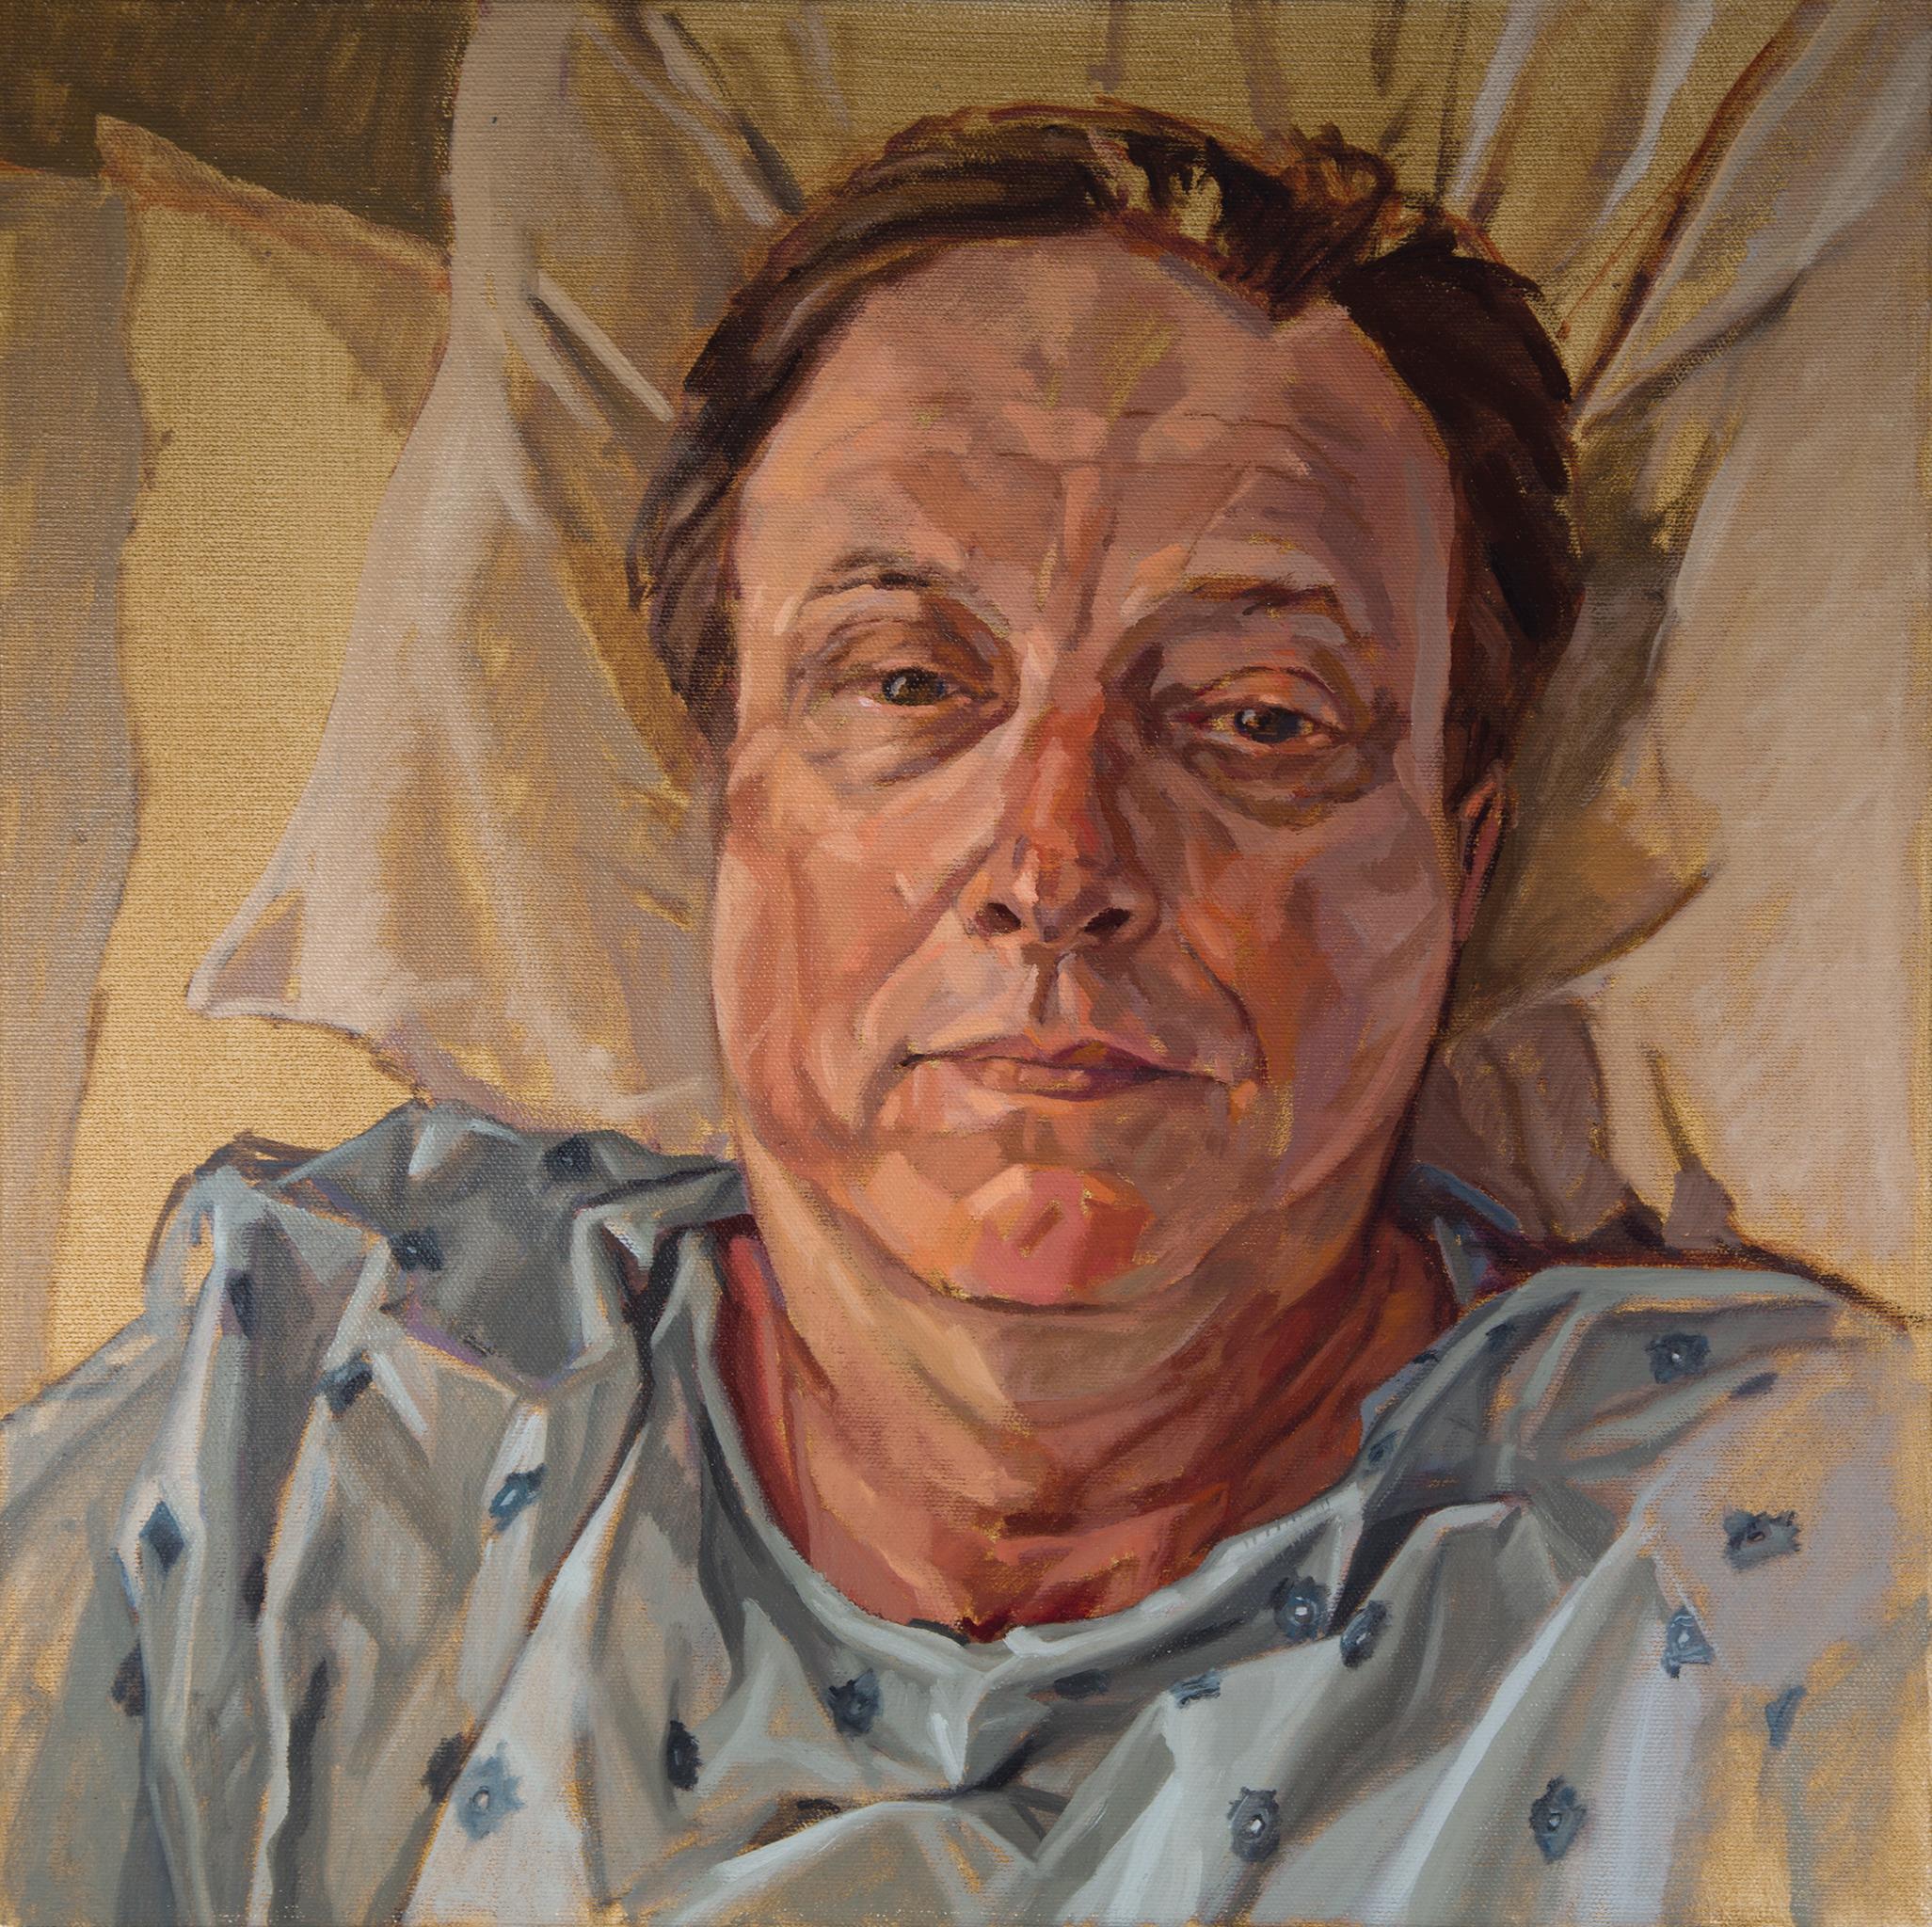 S05_04_greg_hospital.jpg